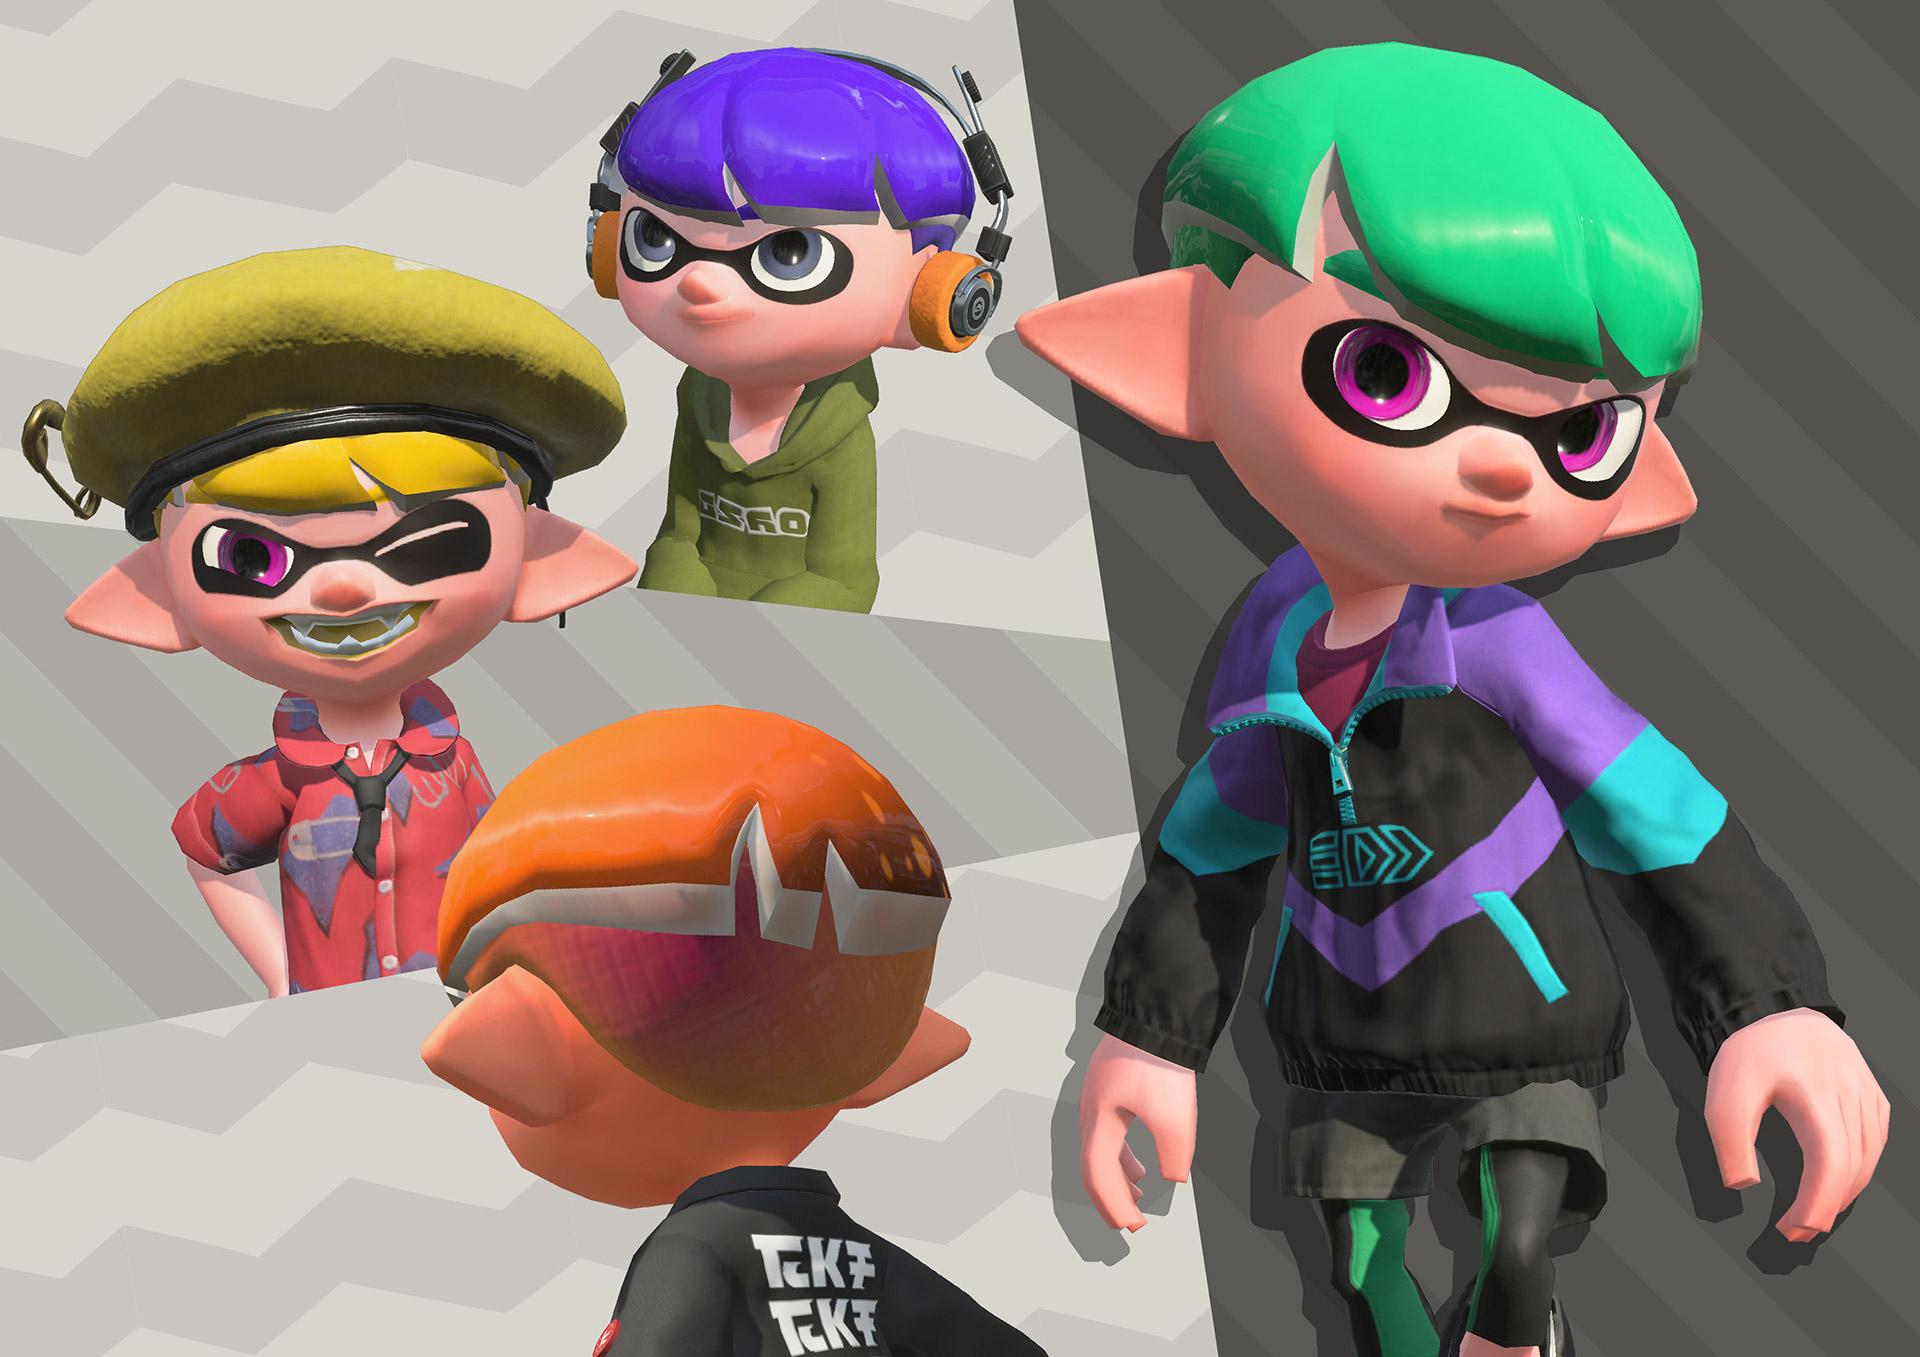 Splatoon 2 Hairstyles: Splatoon 2 Update Coming This Week Raises Level Cap, Adds